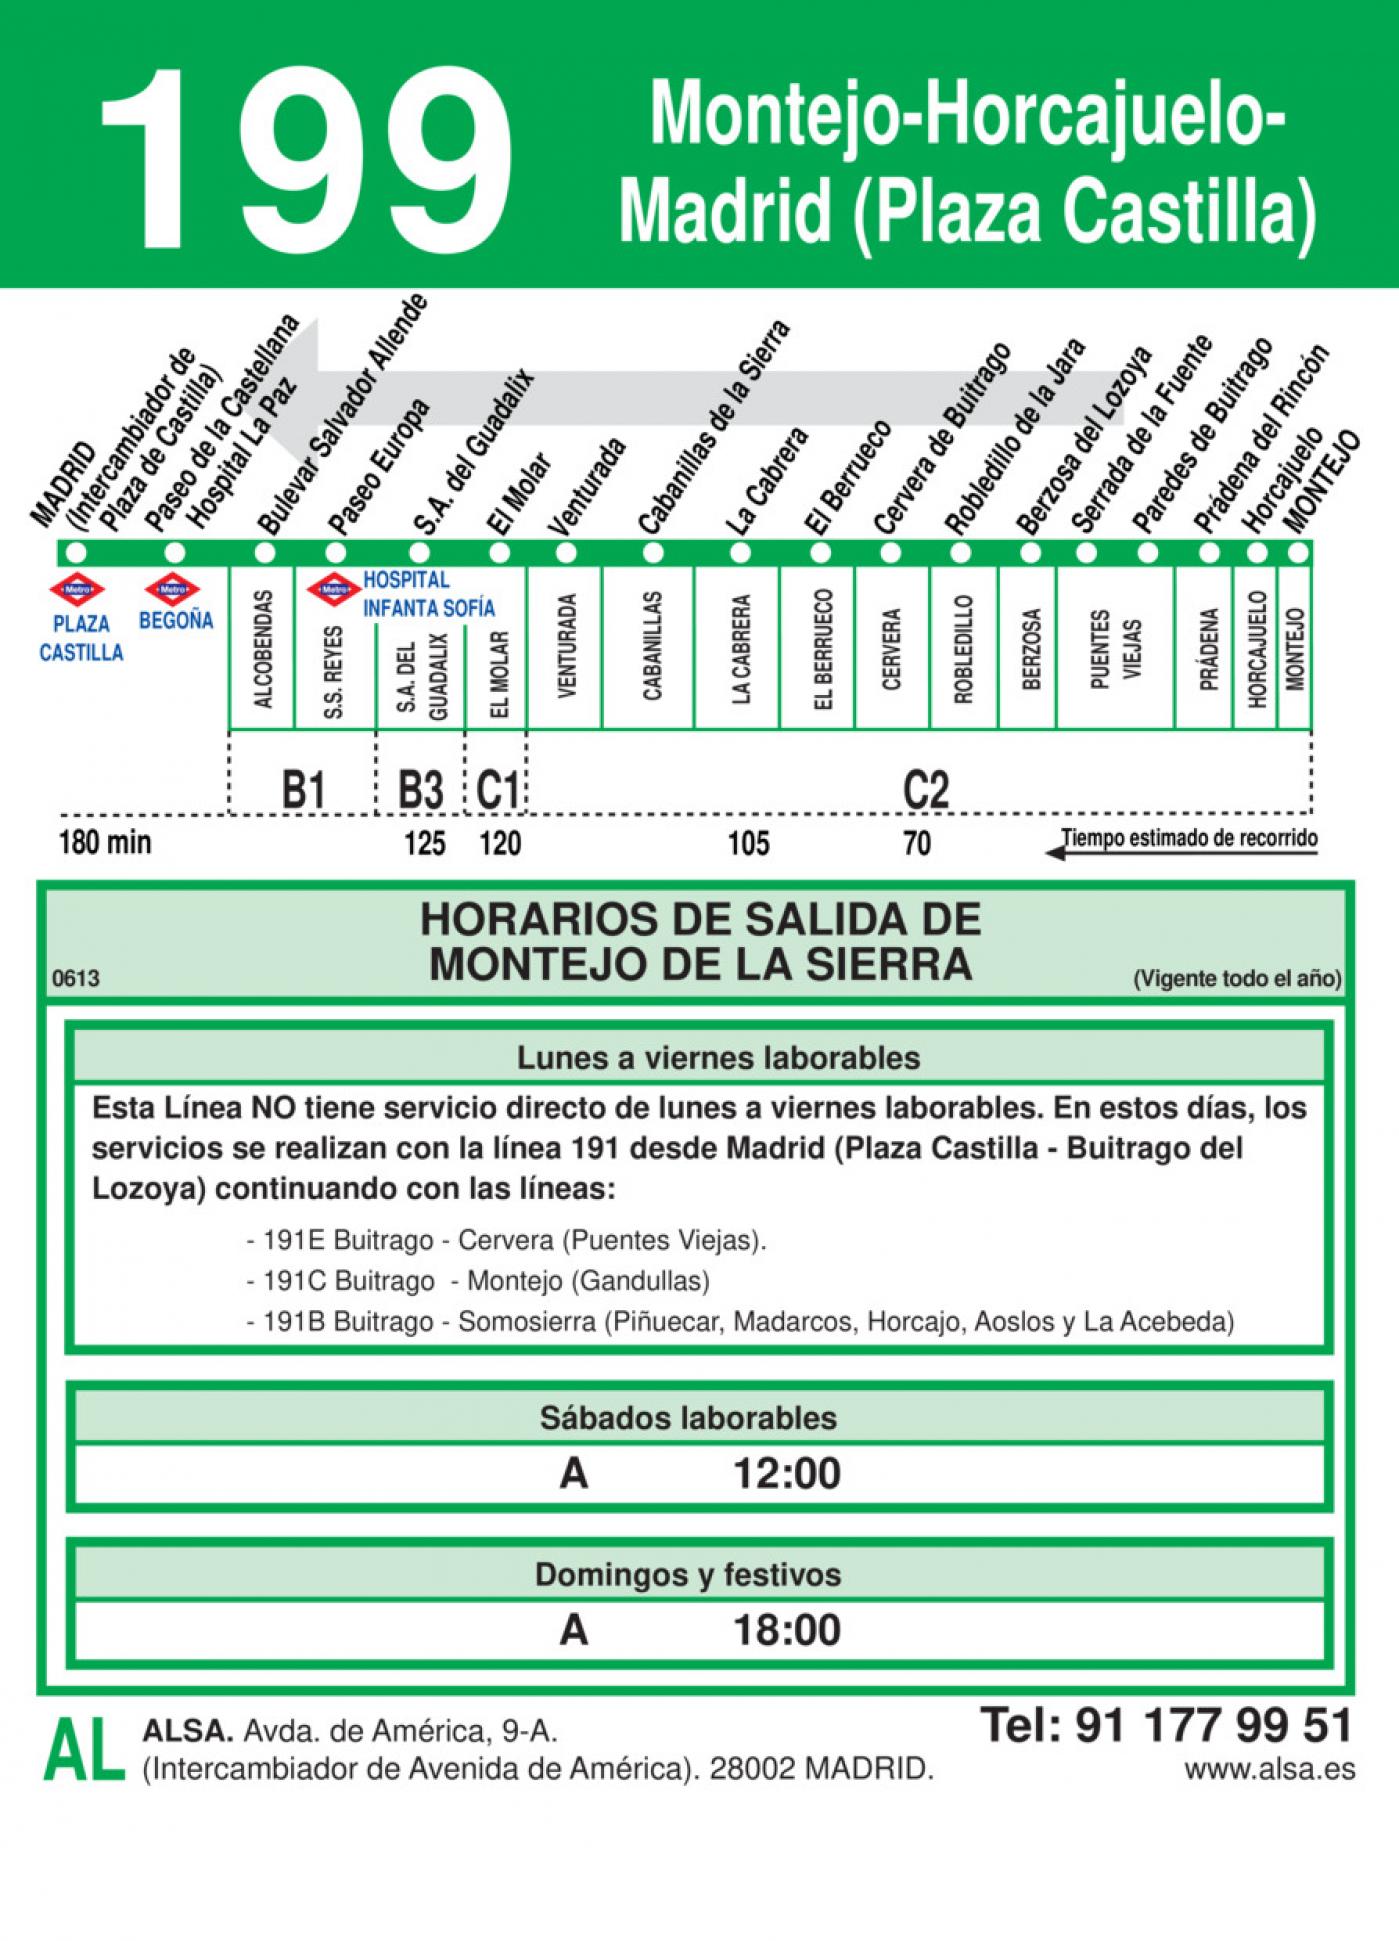 Tabla de horarios y frecuencias de paso en sentido vuelta Línea 199: Madrid (Plaza Castilla) - Horcajuelo - Montejo